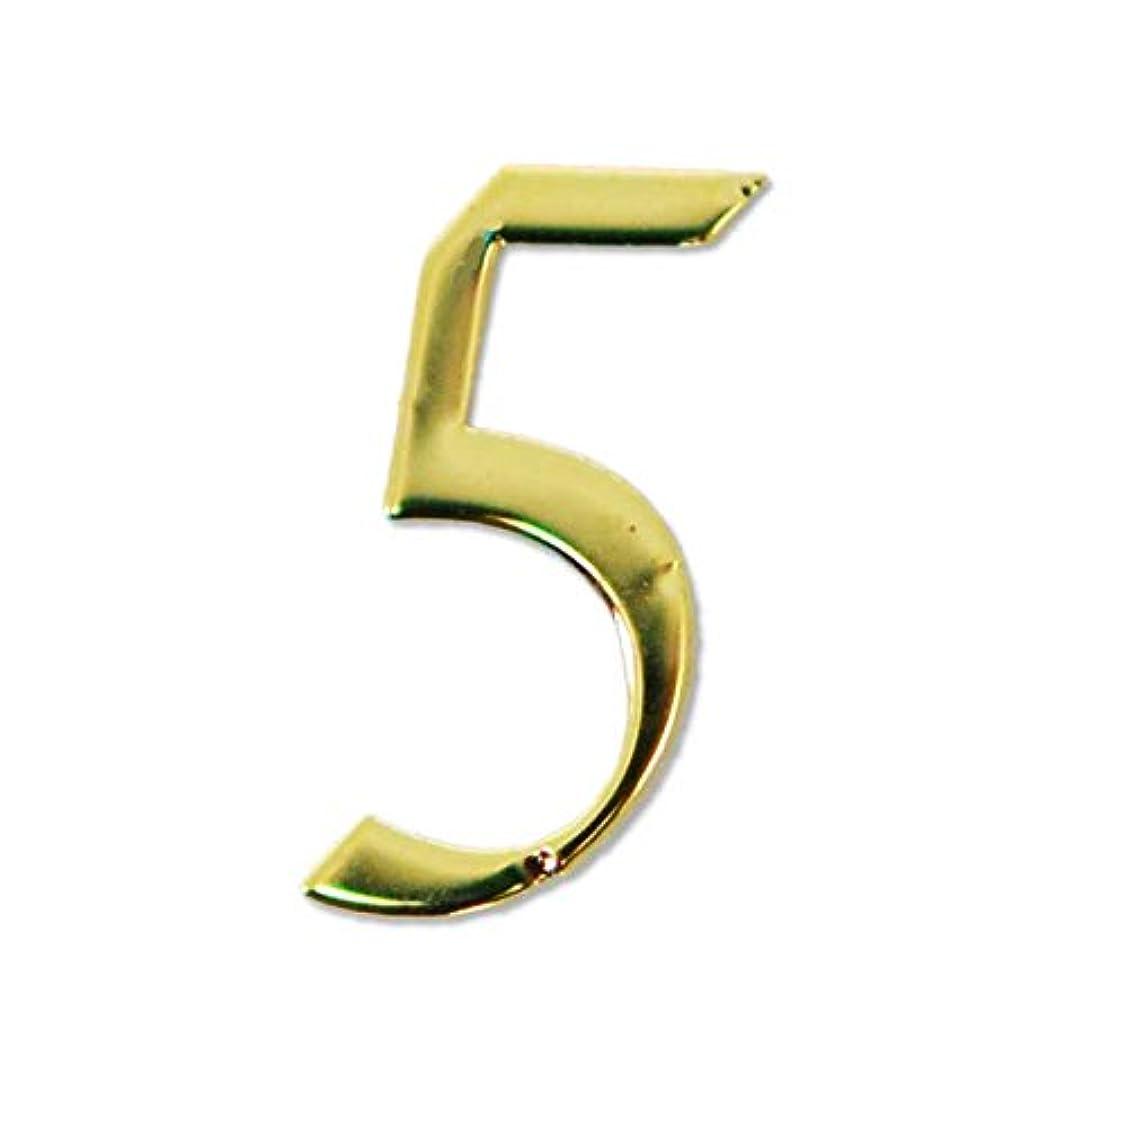 クレデンシャル徴収手首数字の薄型メタルパーツ ゴールド 30枚 (5(five/五)3mm×5mm)